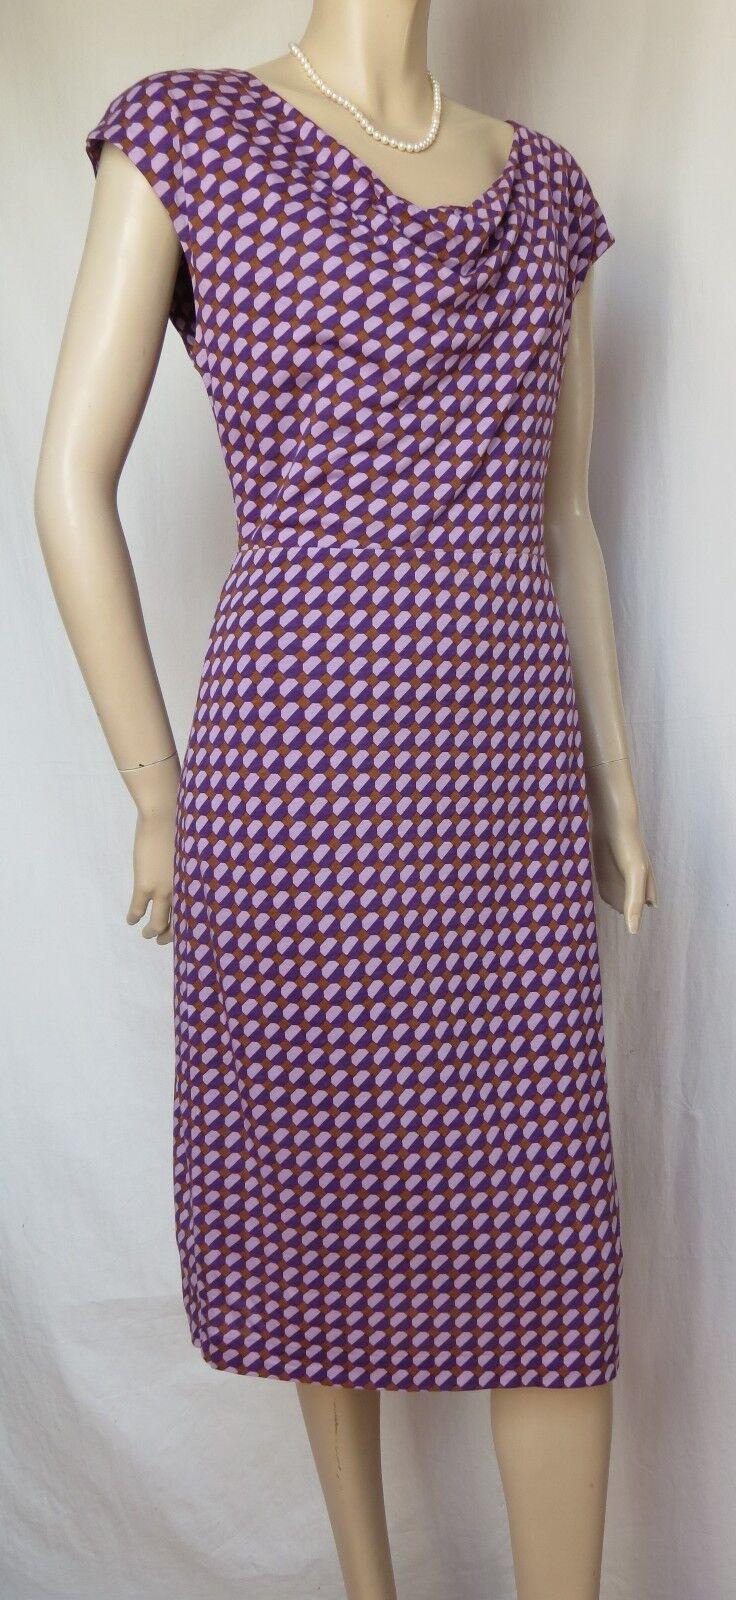 Jerseykleid Boden Boden Boden 36 38 10L Sommerkleid lila braun retro Muster Tencel Baumwolle | München  | Qualifizierte Herstellung  | Deutschland Shop  657849